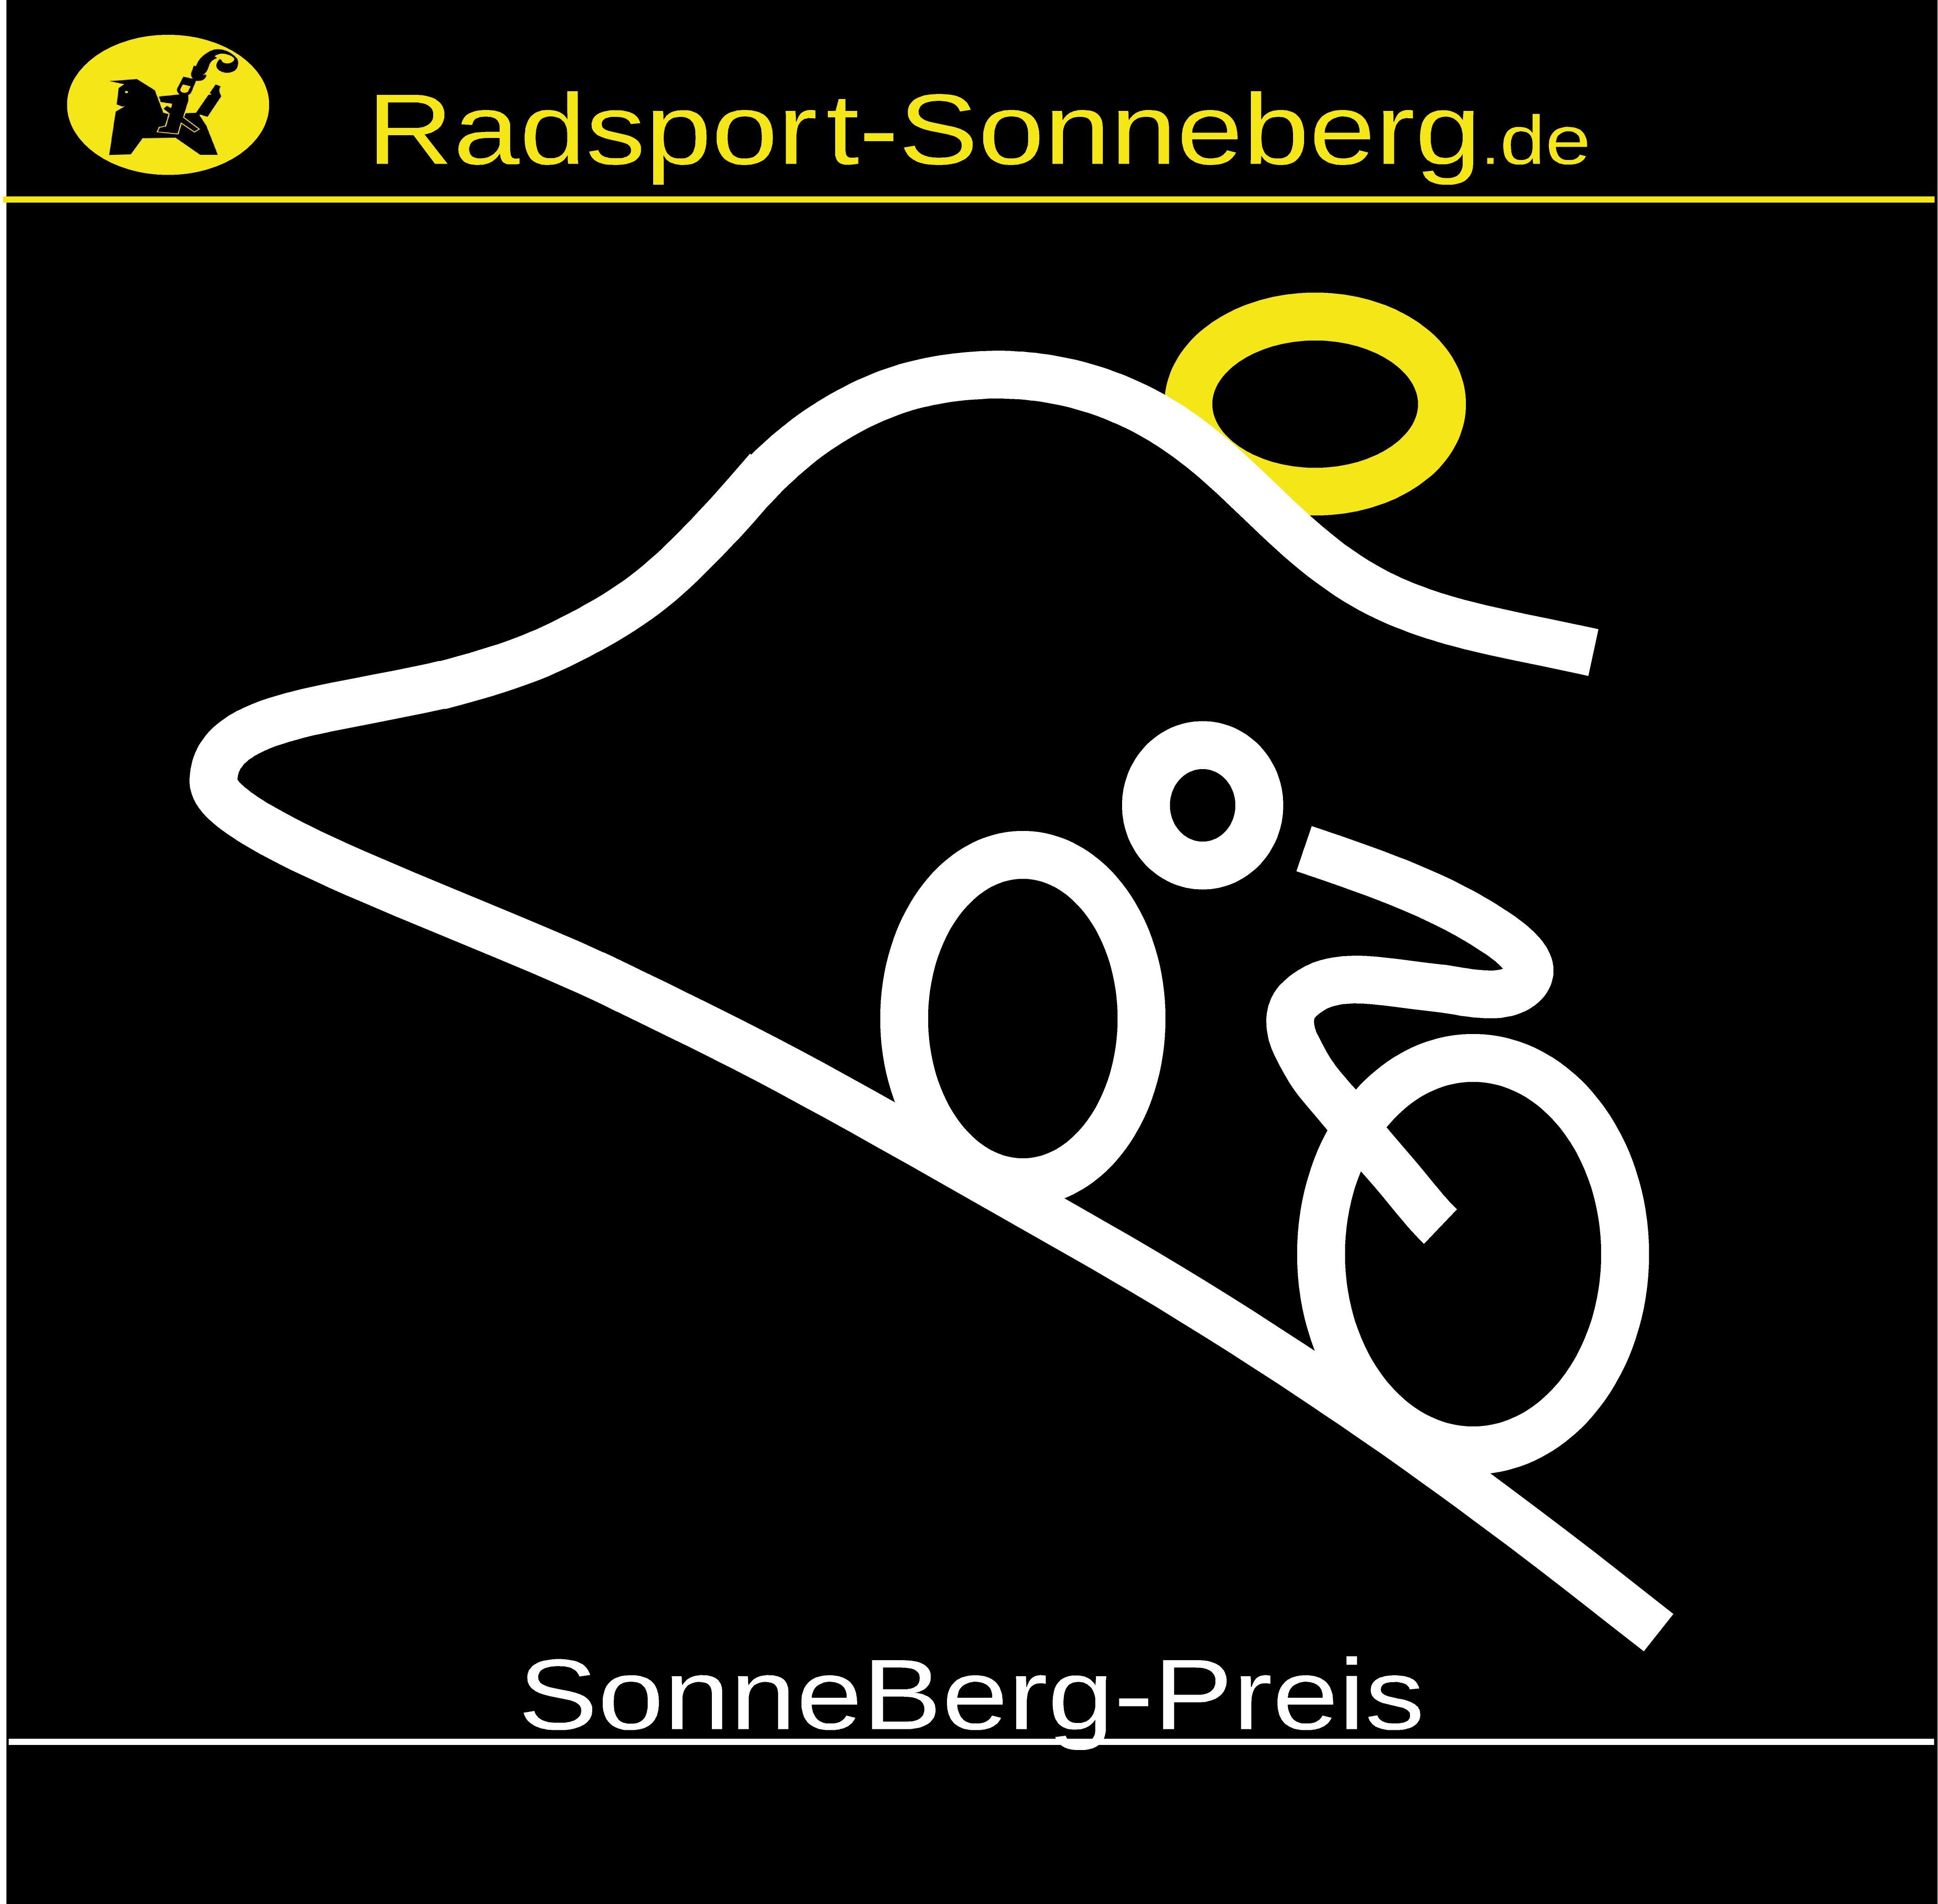 SonneBerg preis